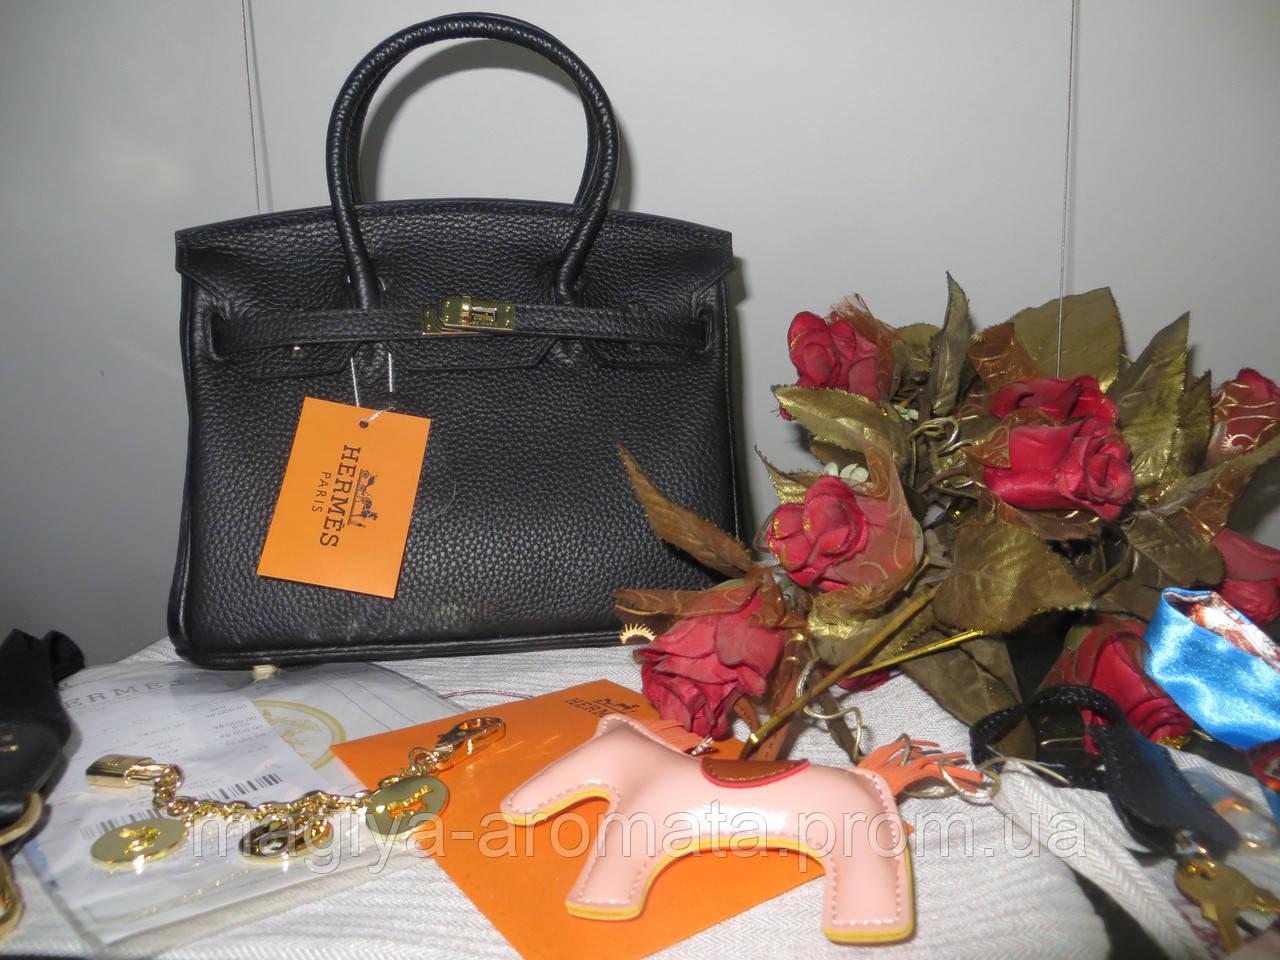 14c348f05643 РУЧНАЯ РАБОТА. КОЖА ТОГО. Женская сумка от Hermes Birkin 20 см ...